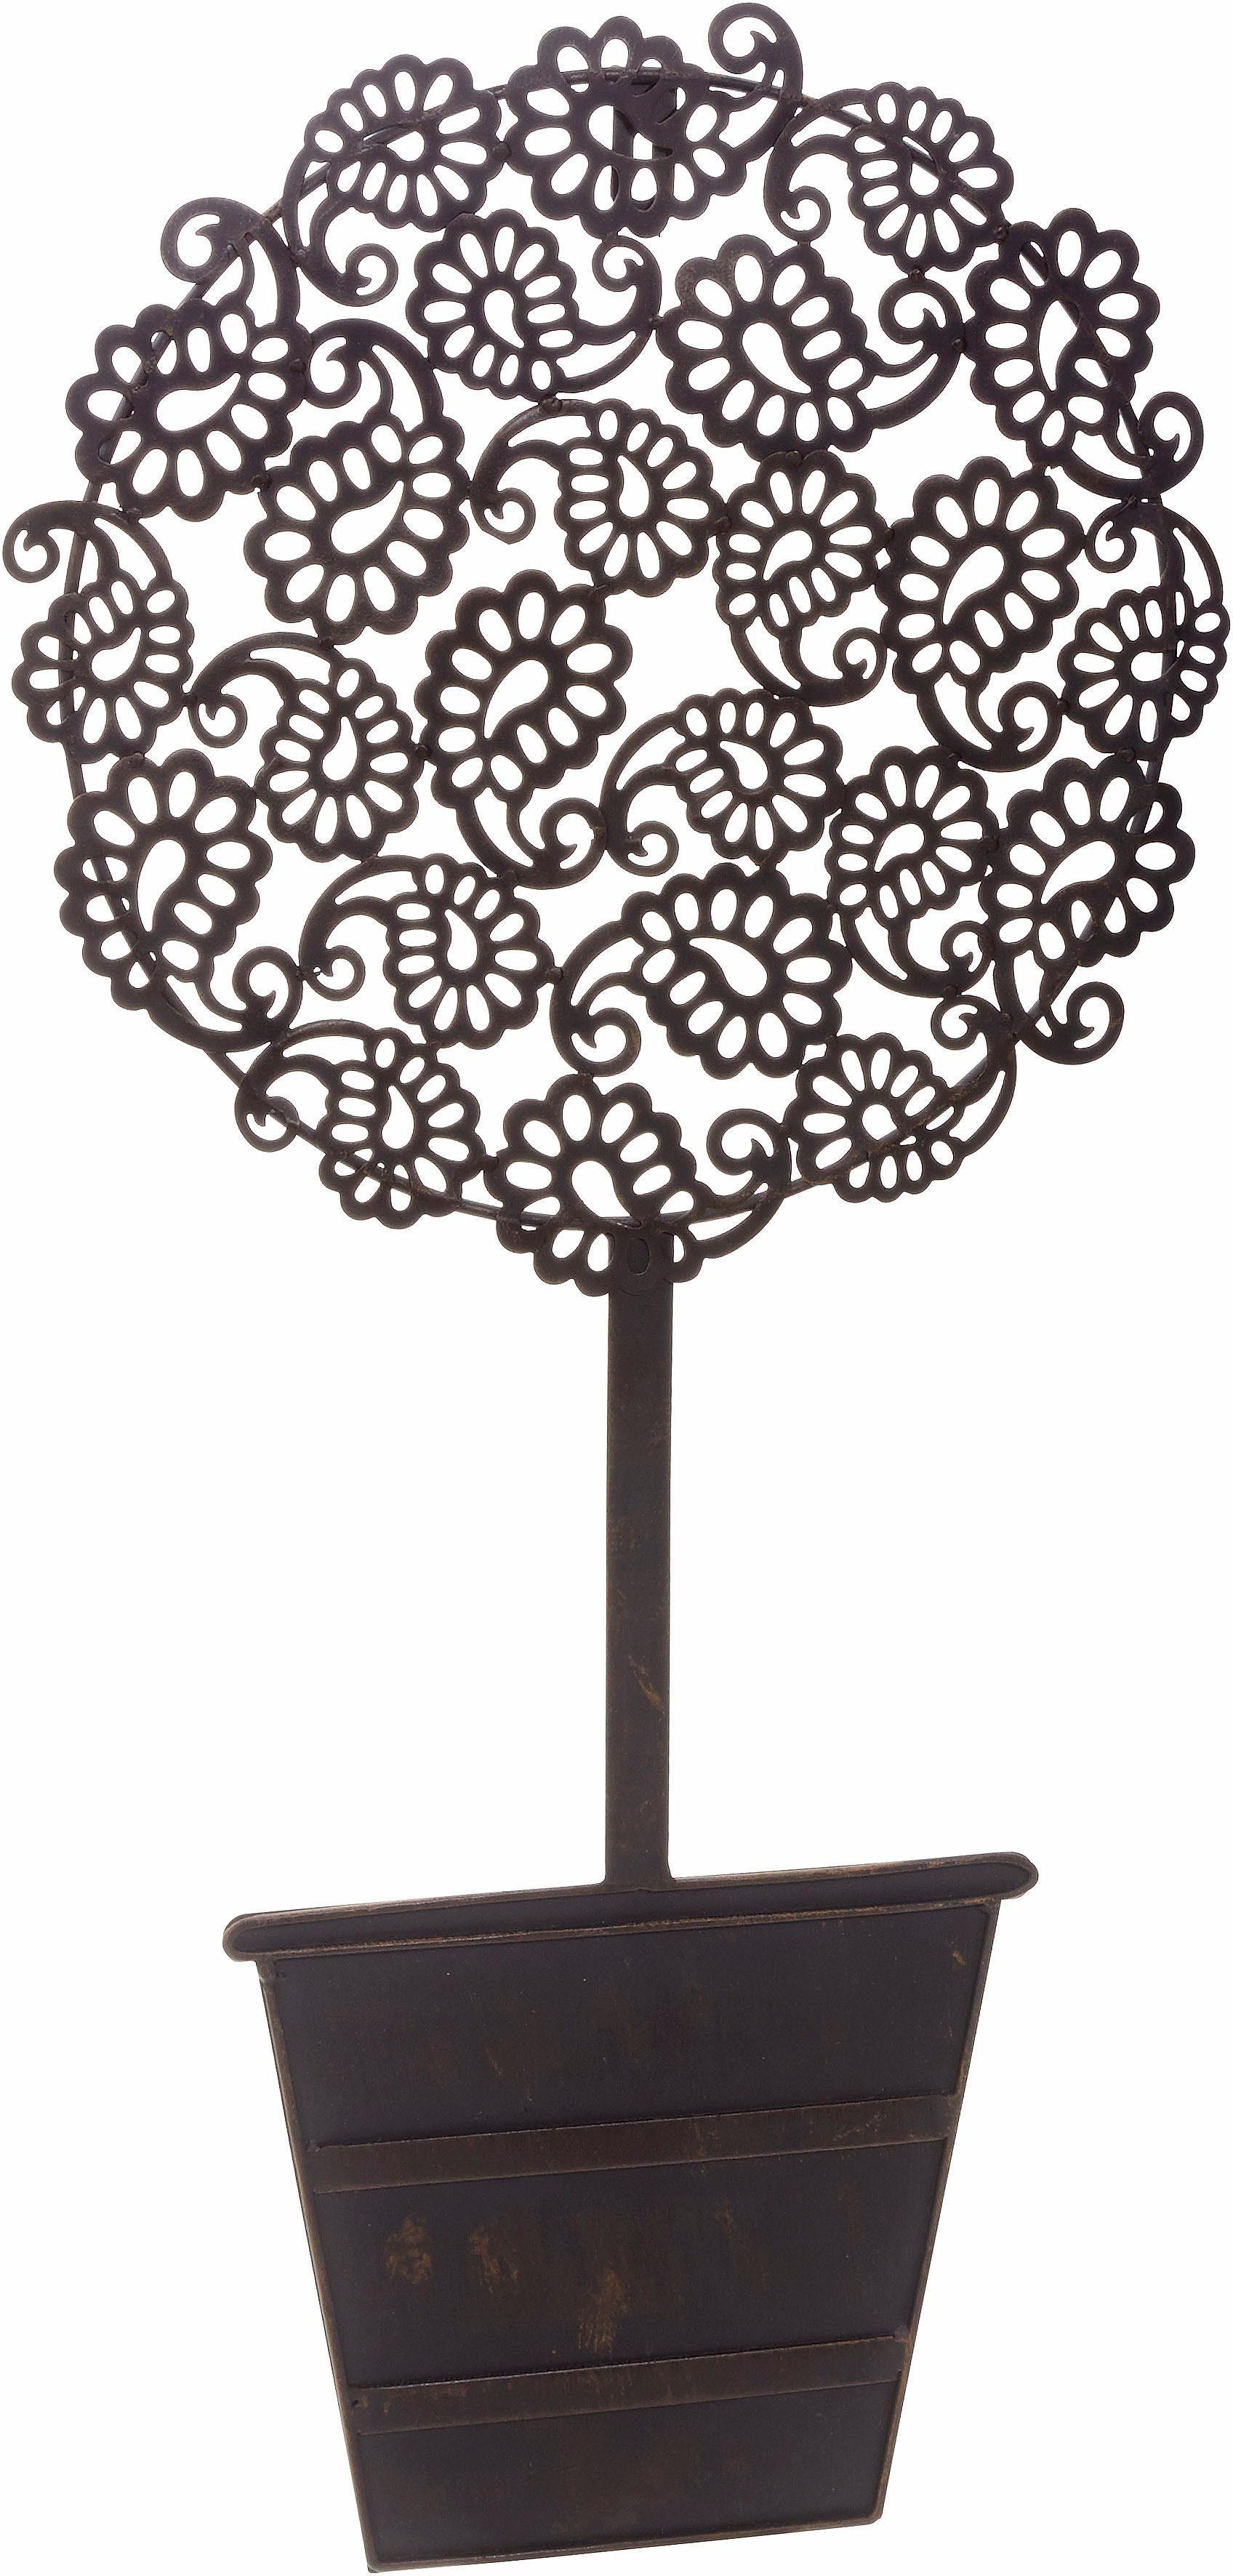 Home affaire Wanddeko »Baum« aus Eisen